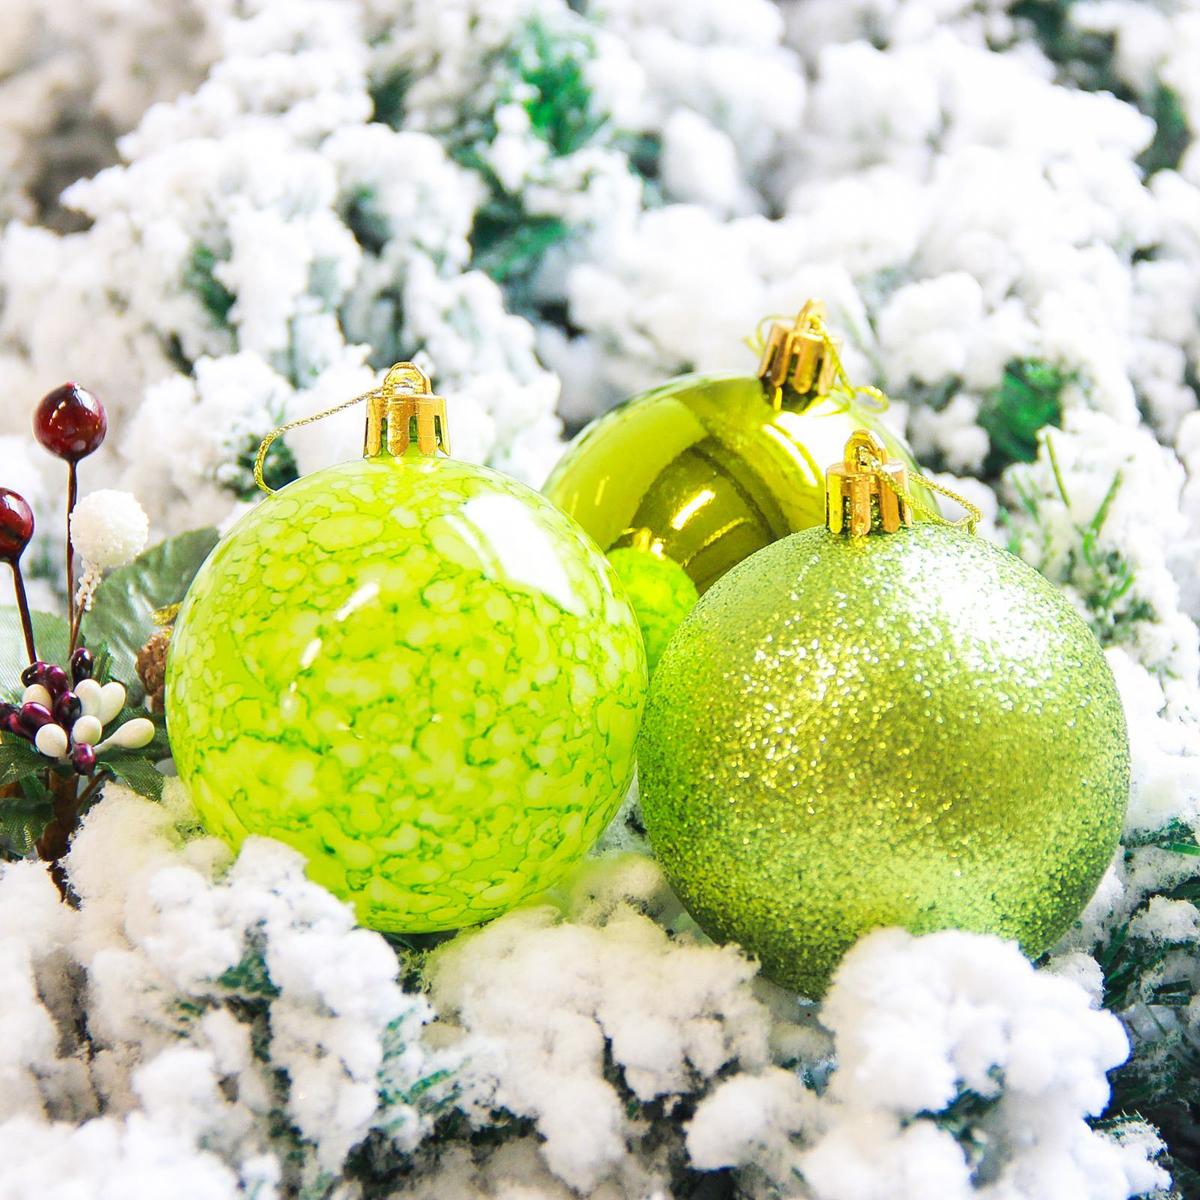 Набор новогодних подвесных украшений Sima-land Фрэско, цвет: зеленый, диаметр 7 см, 12 шт2178244Набор новогодних подвесных украшений Sima-land отлично подойдет для декорации вашего дома и новогодней ели. С помощью специальной петельки украшение можно повесить в любом понравившемся вам месте. Но, конечно, удачнее всего оно будет смотреться на праздничной елке. Елочная игрушка - символ Нового года. Она несет в себе волшебство и красоту праздника. Создайте в своем доме атмосферу веселья и радости, украшая новогоднюю елку нарядными игрушками, которые будут из года в год накапливать теплоту воспоминаний.